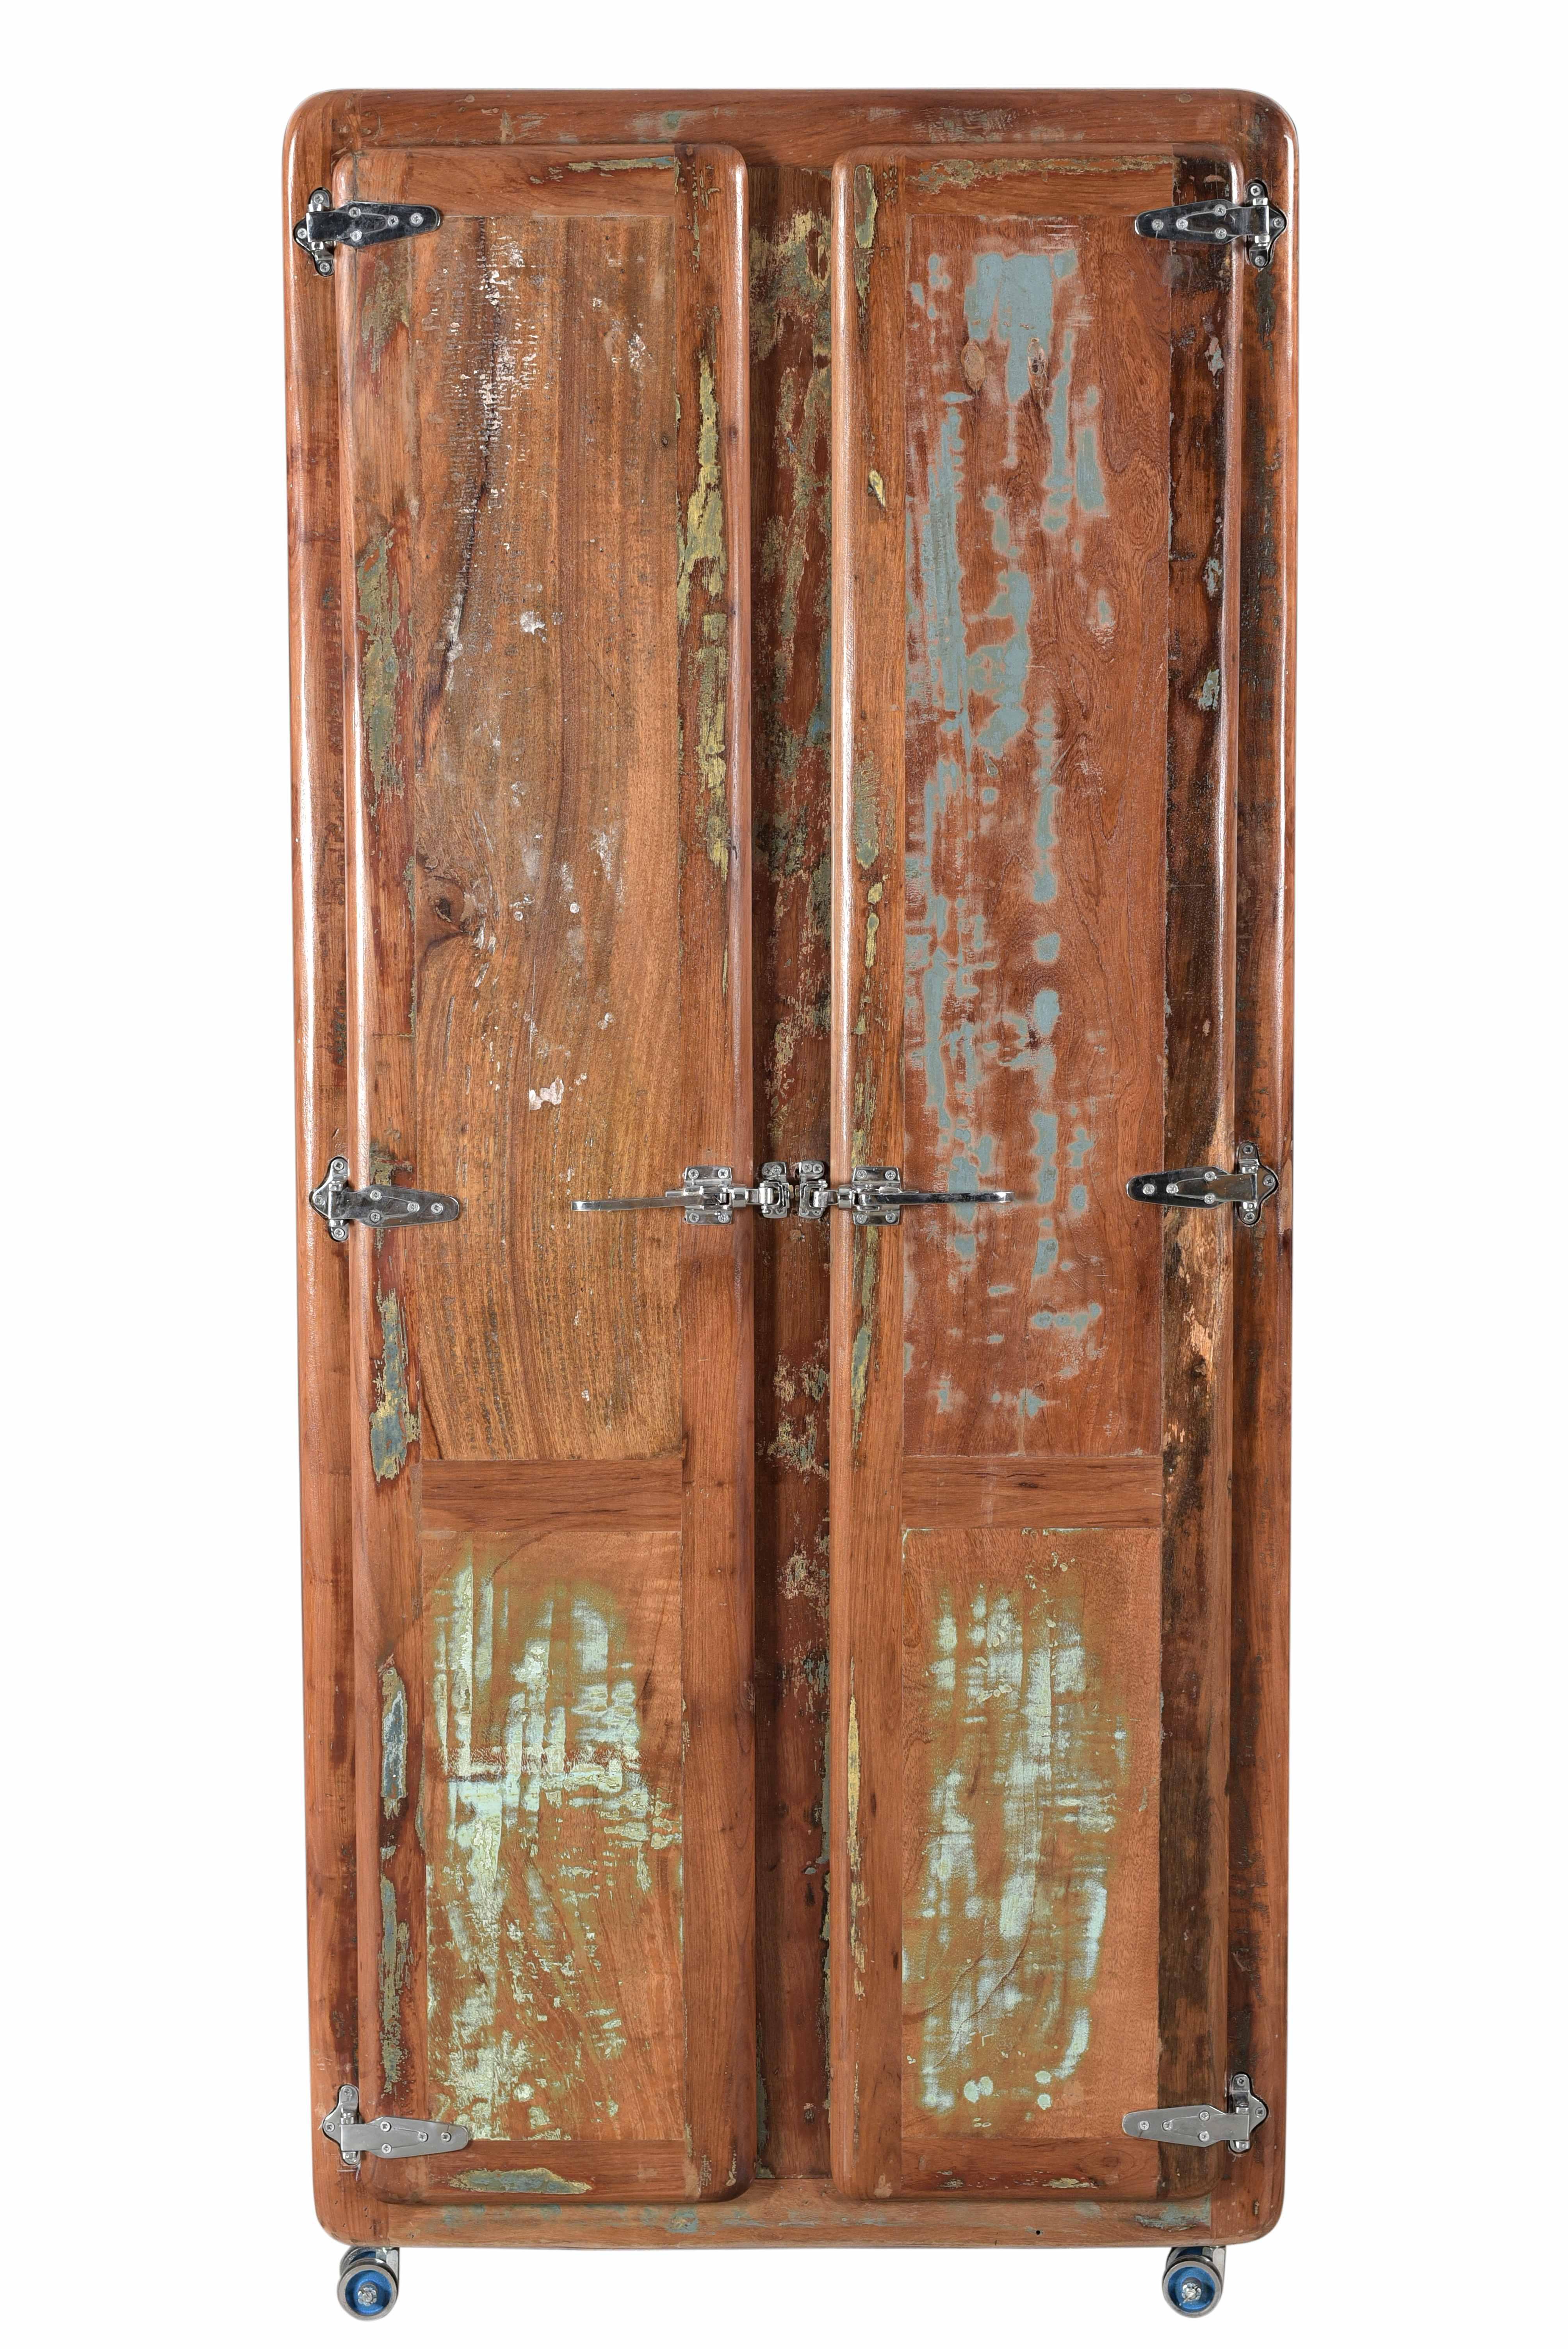 Sit Fridge Garderobenschrank Altholz 2-türig